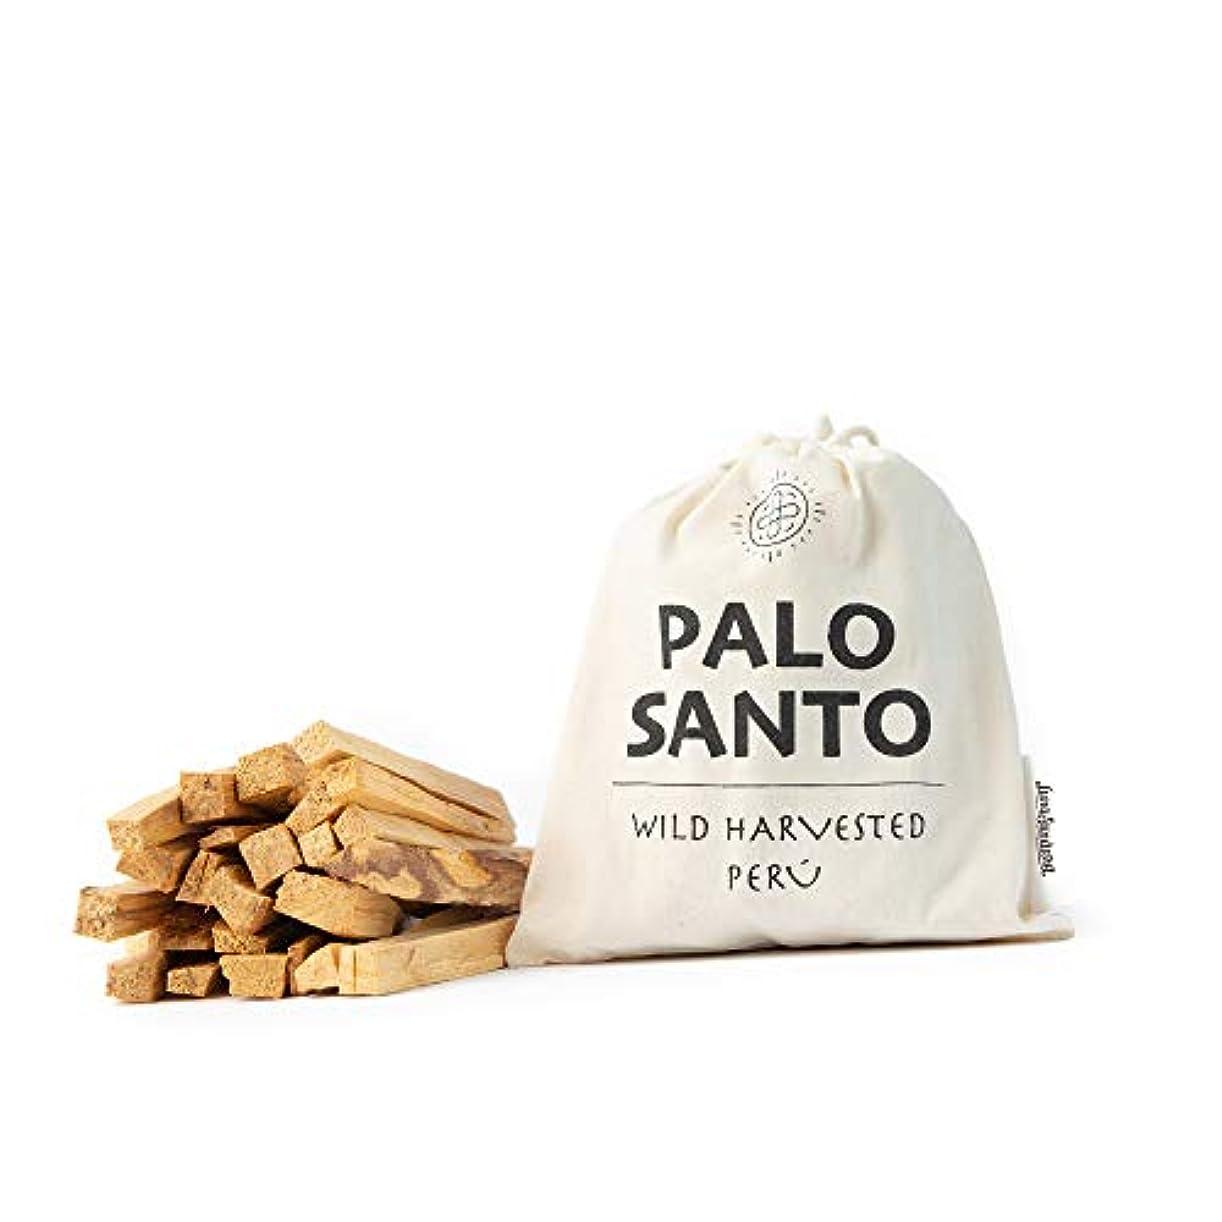 スタンド部いまLuna Sundara Palo Santo Smudging Sticks Peru Sustainably Harvested Quality Hand Picked - 100グラム(約18-25スティック)